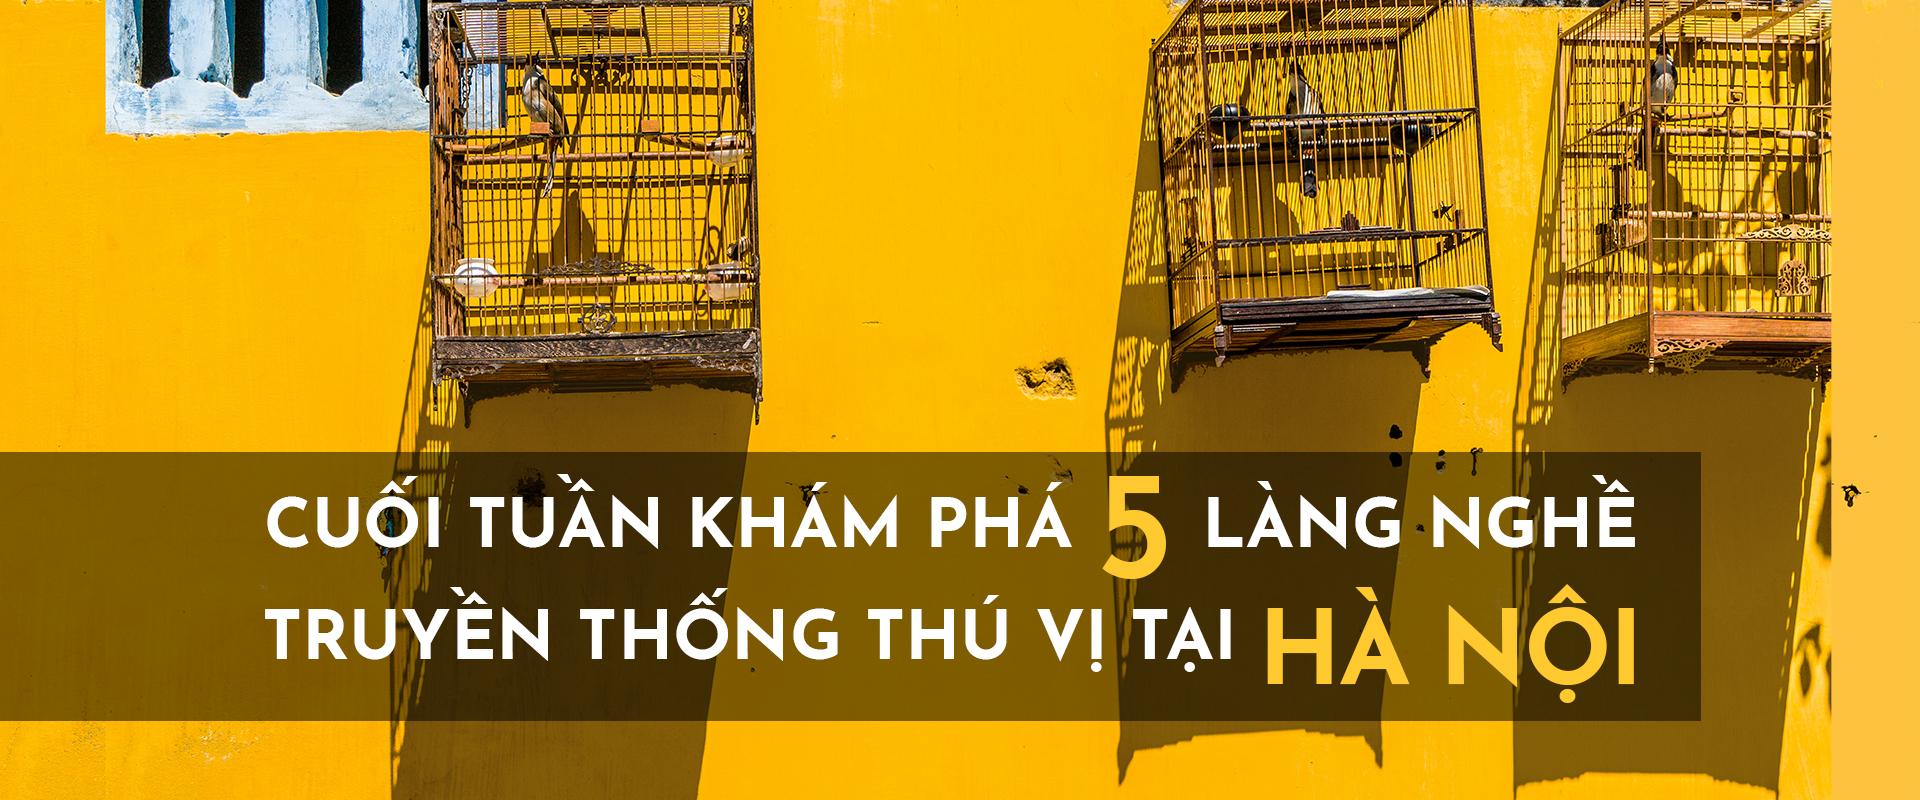 Du lịch cuối tuần Hà Nội: Khám phá 5 làng nghề truyền thống đầy thú vị